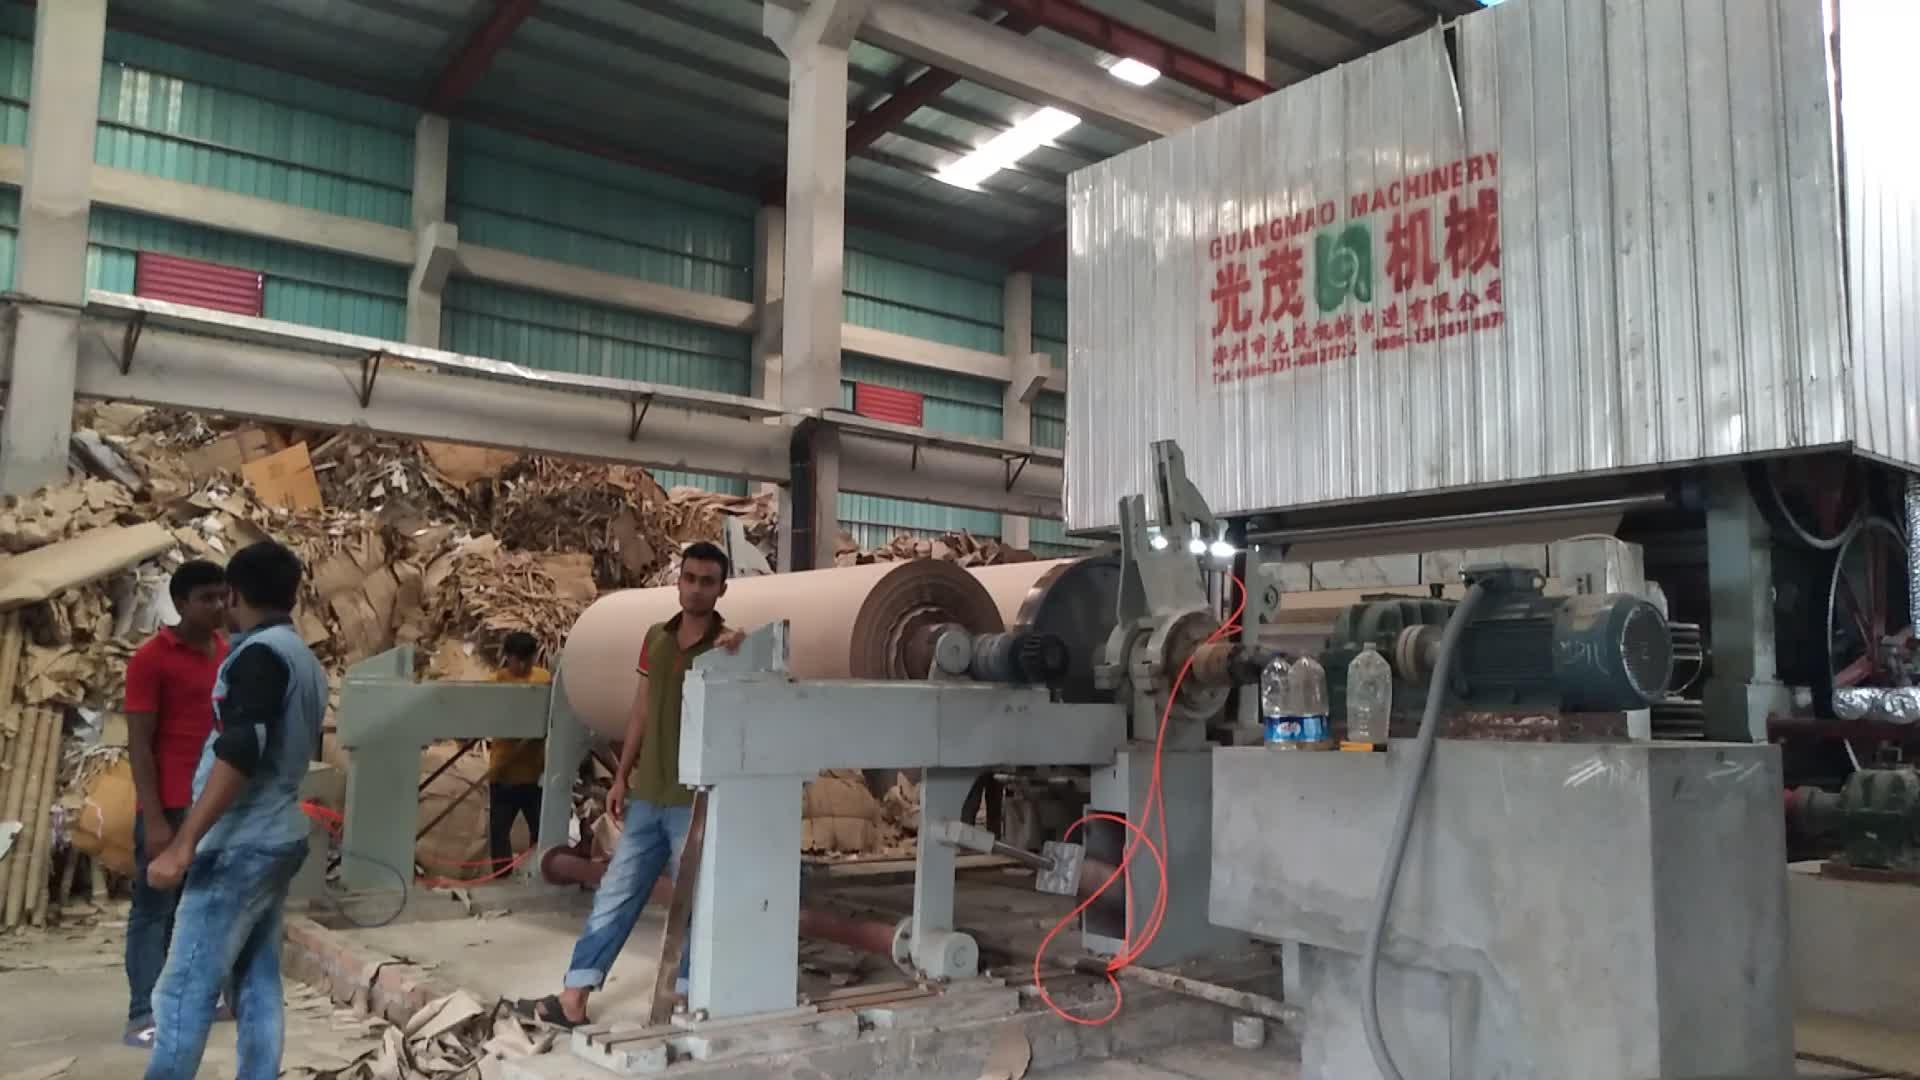 Kağıt geri dönüşüm üretim hattı için fluting kağıt kraft kağıt rulo yapma makinesi fabrikası